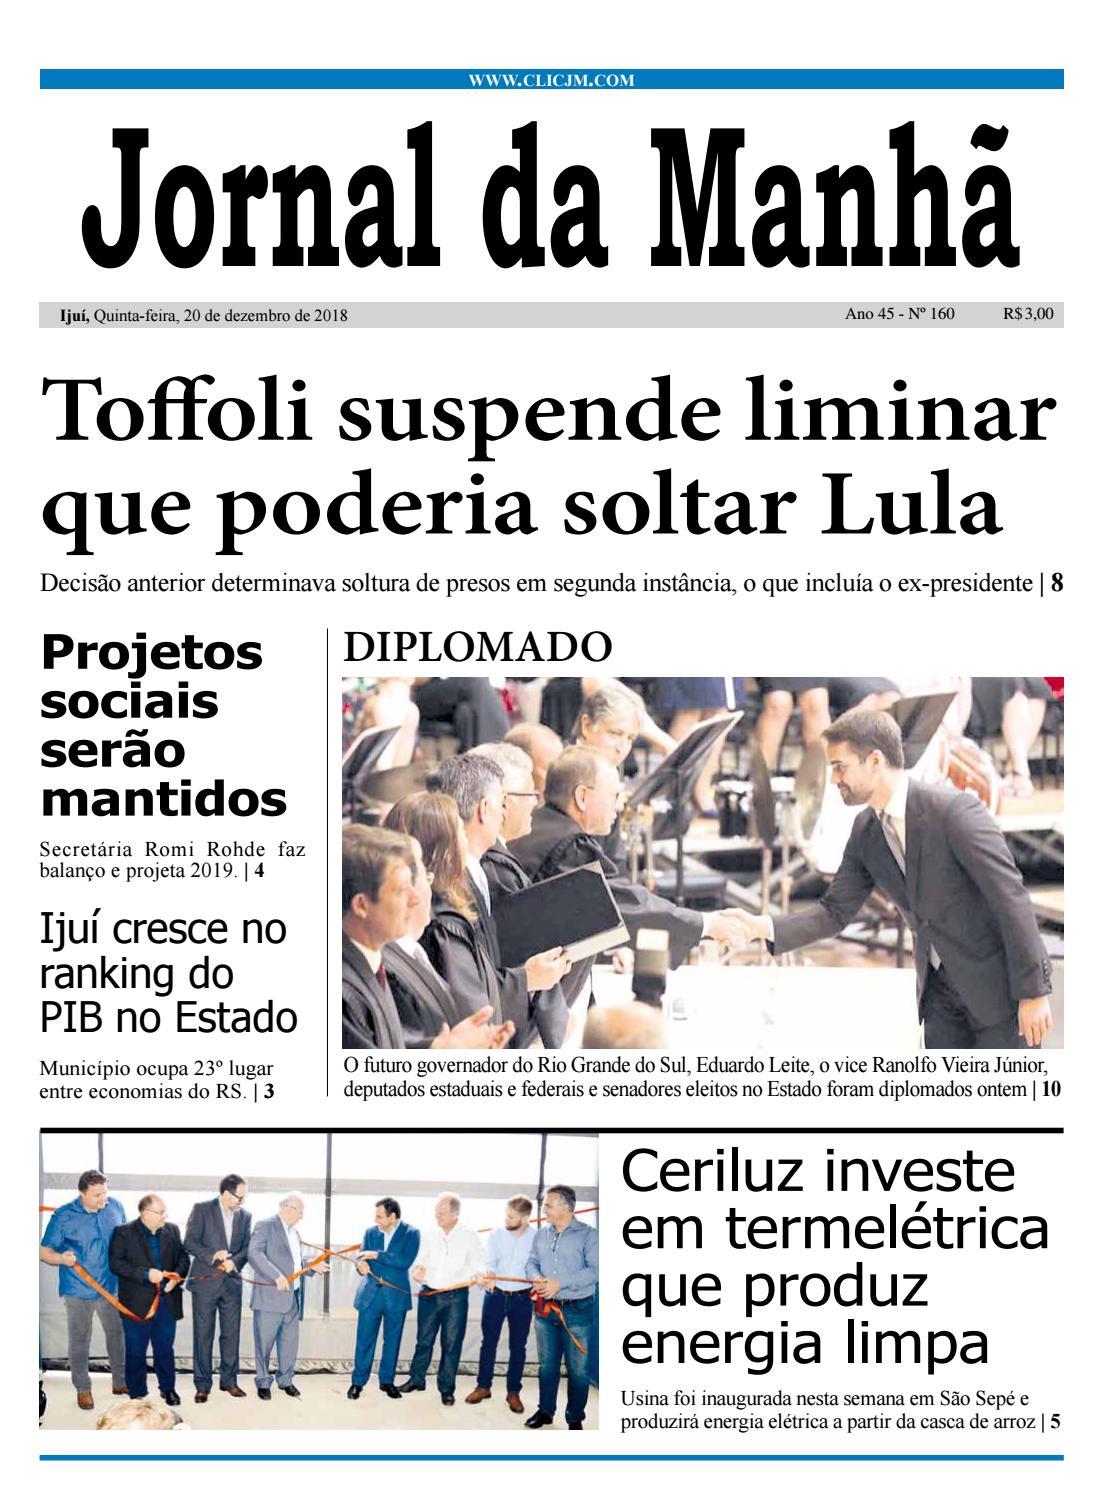 fae4000f7a6 Jornal da Manhã - Quinta-feira - 20-12-2018 by clicjm - issuu